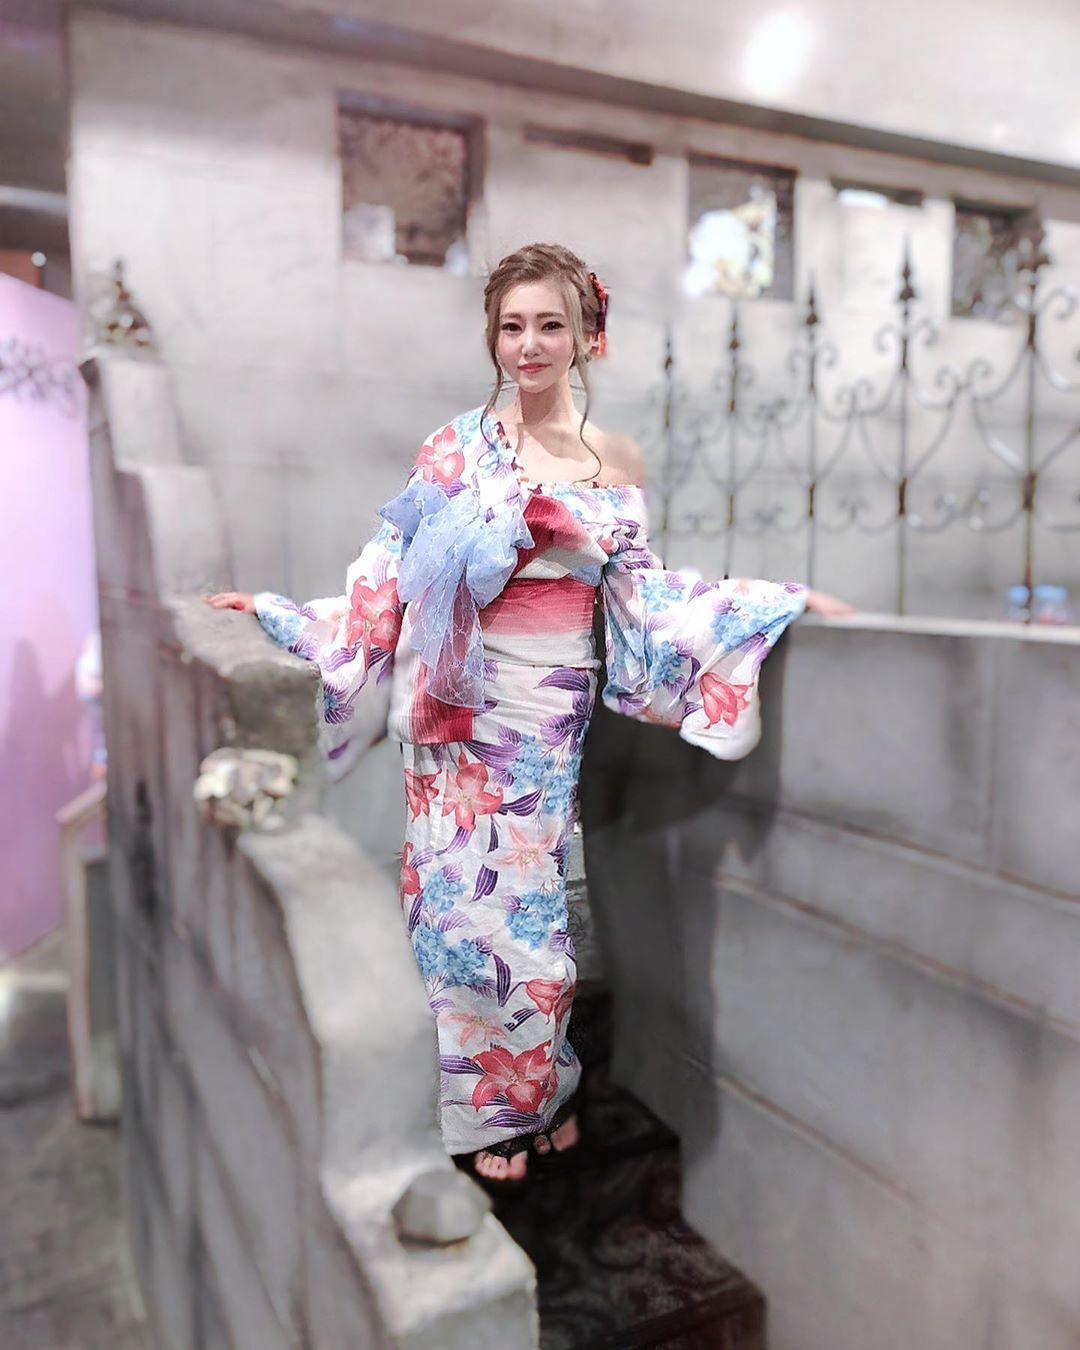 毎年恒例「浴衣の日」になります!page-visual 毎年恒例「浴衣の日」になります!ビジュアル